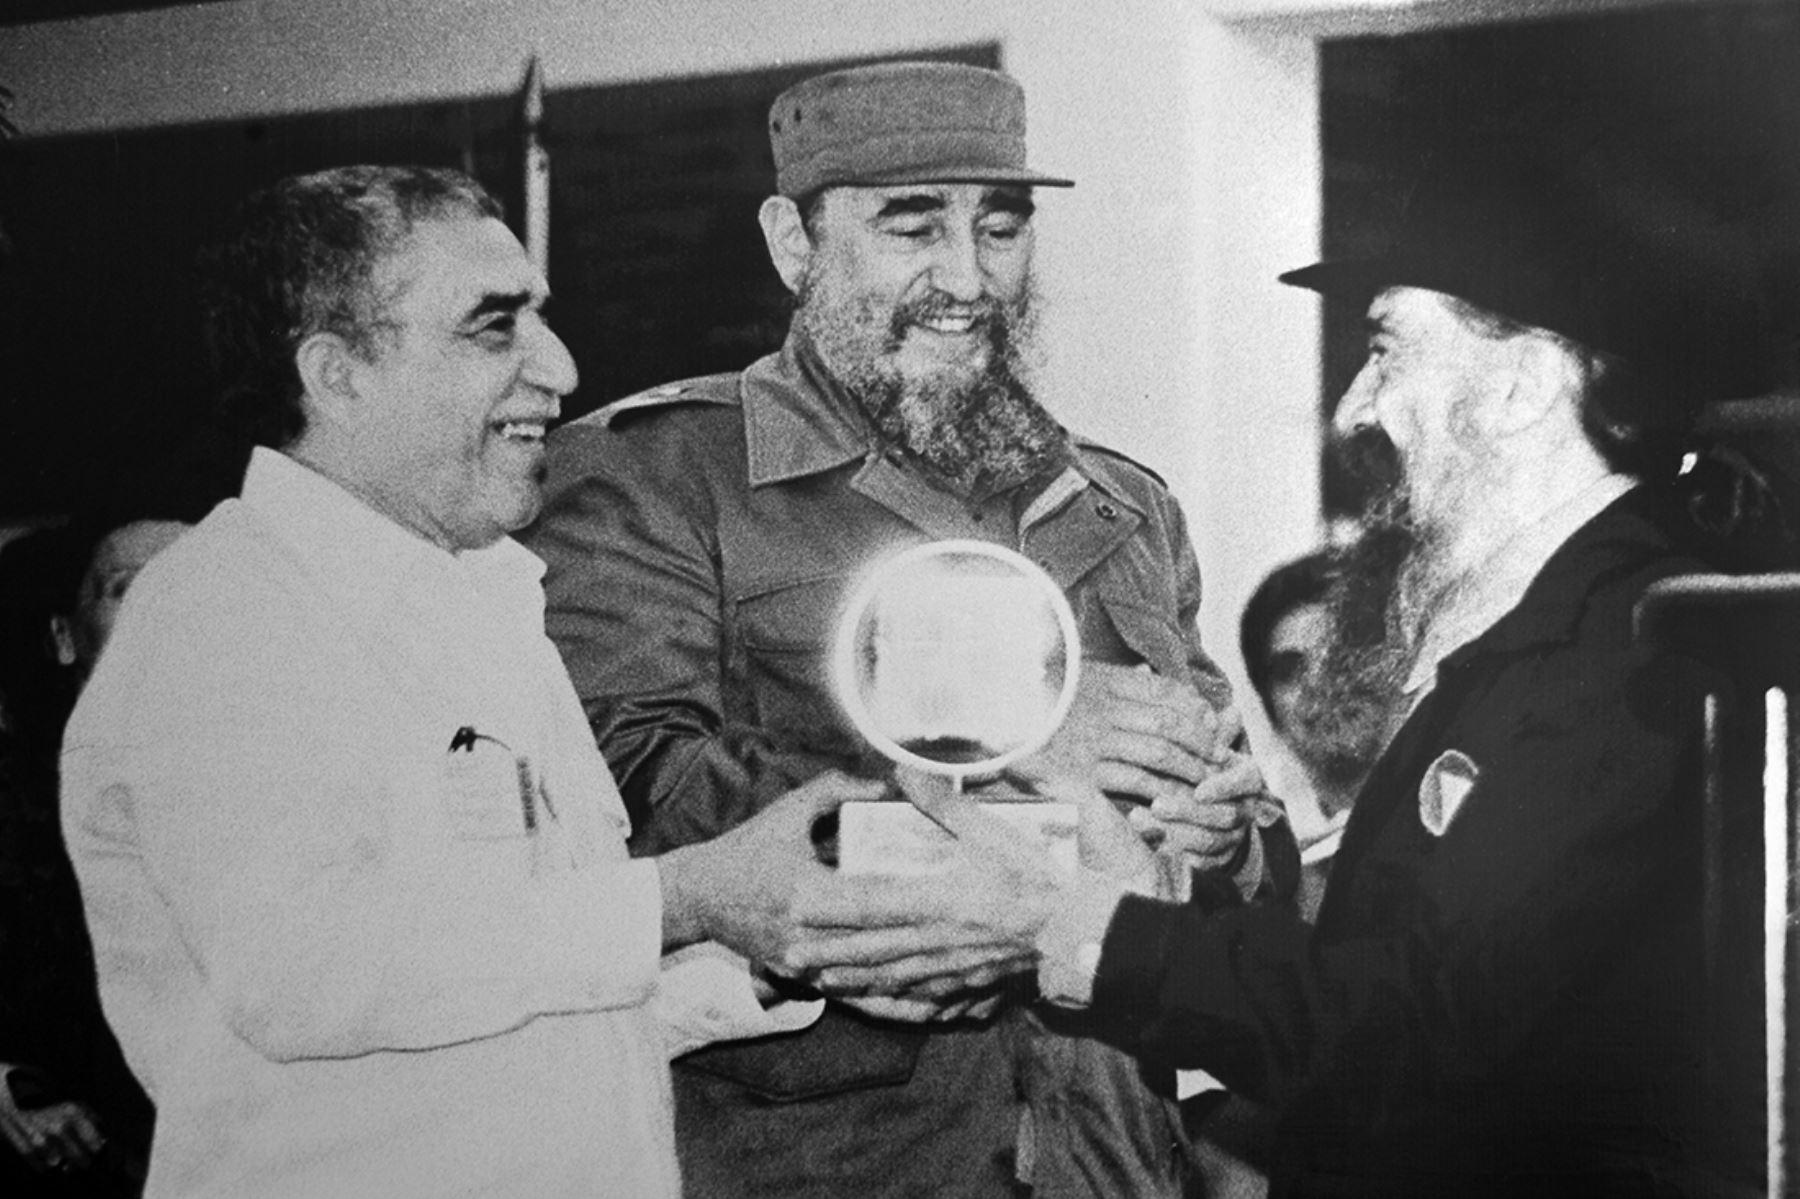 Esta imagen de archivo del 15 de diciembre de 1986 muestra al ex presidente cubano Fidel Castro, al Premio Nobel de Literatura Gabriel García Márquez  y al director de cine Fernando Birri  durante la inauguración de la Escuela Internacional de Cine en San Antonio de los Baños, provincia de La Habana.  Foto: AFP